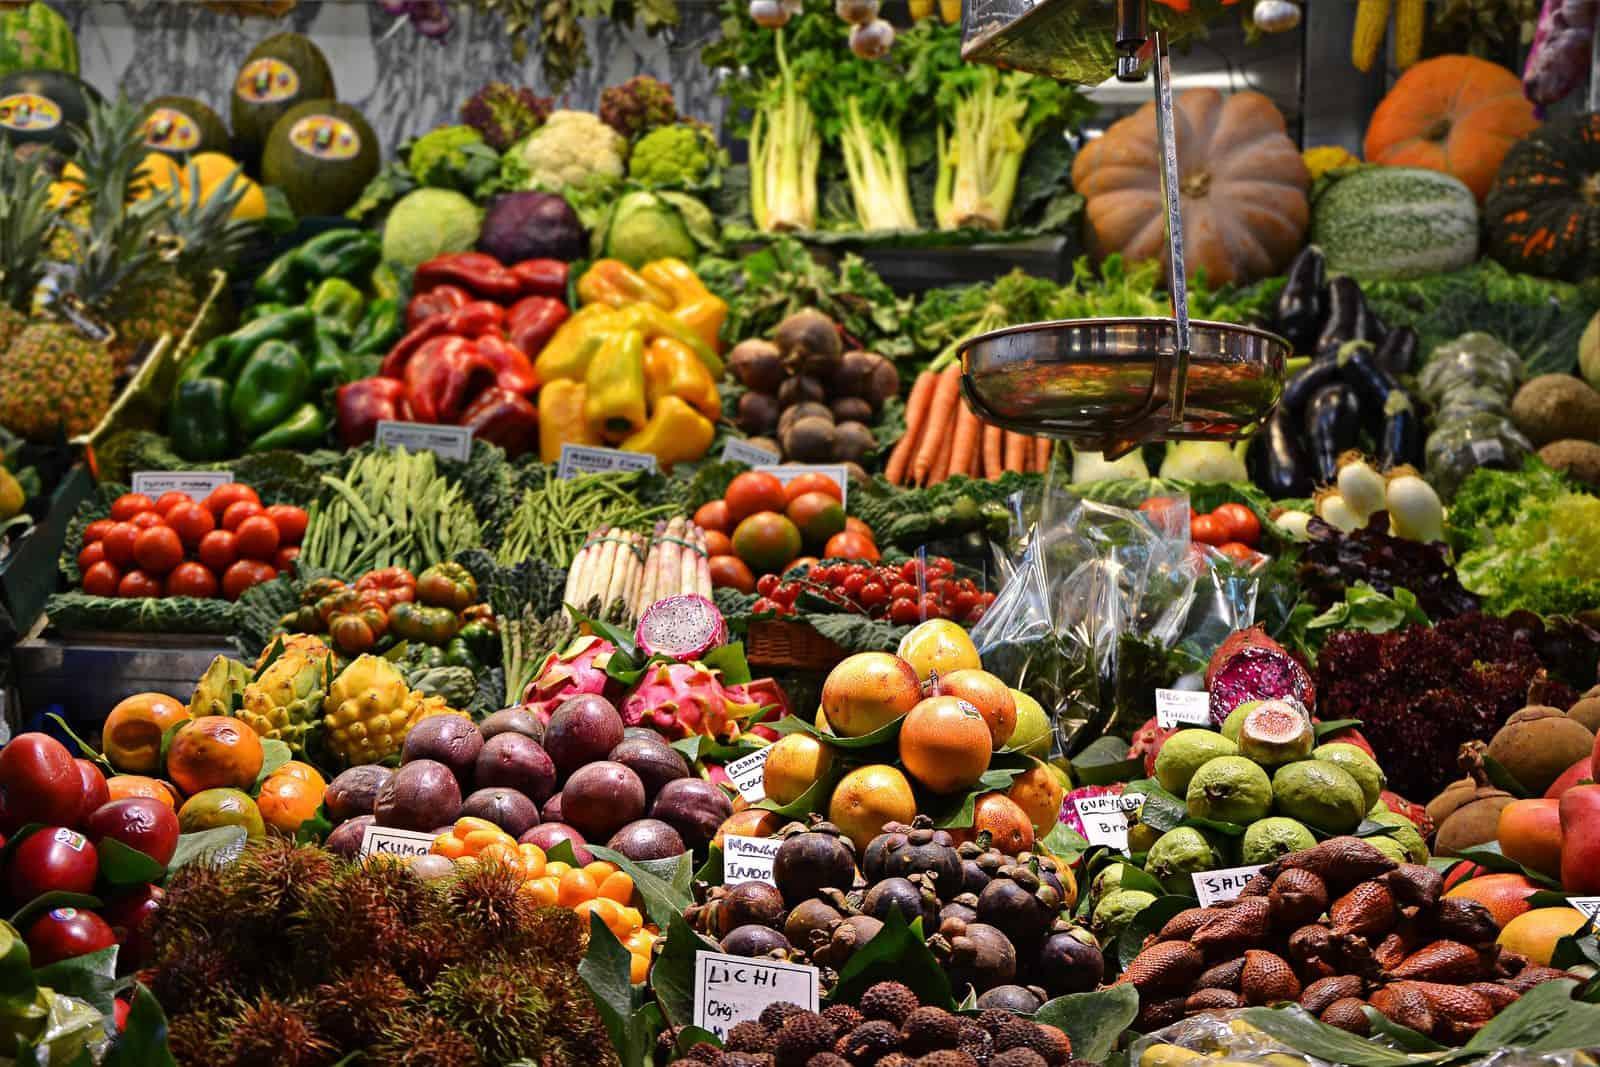 Gemüsestand, Obststand